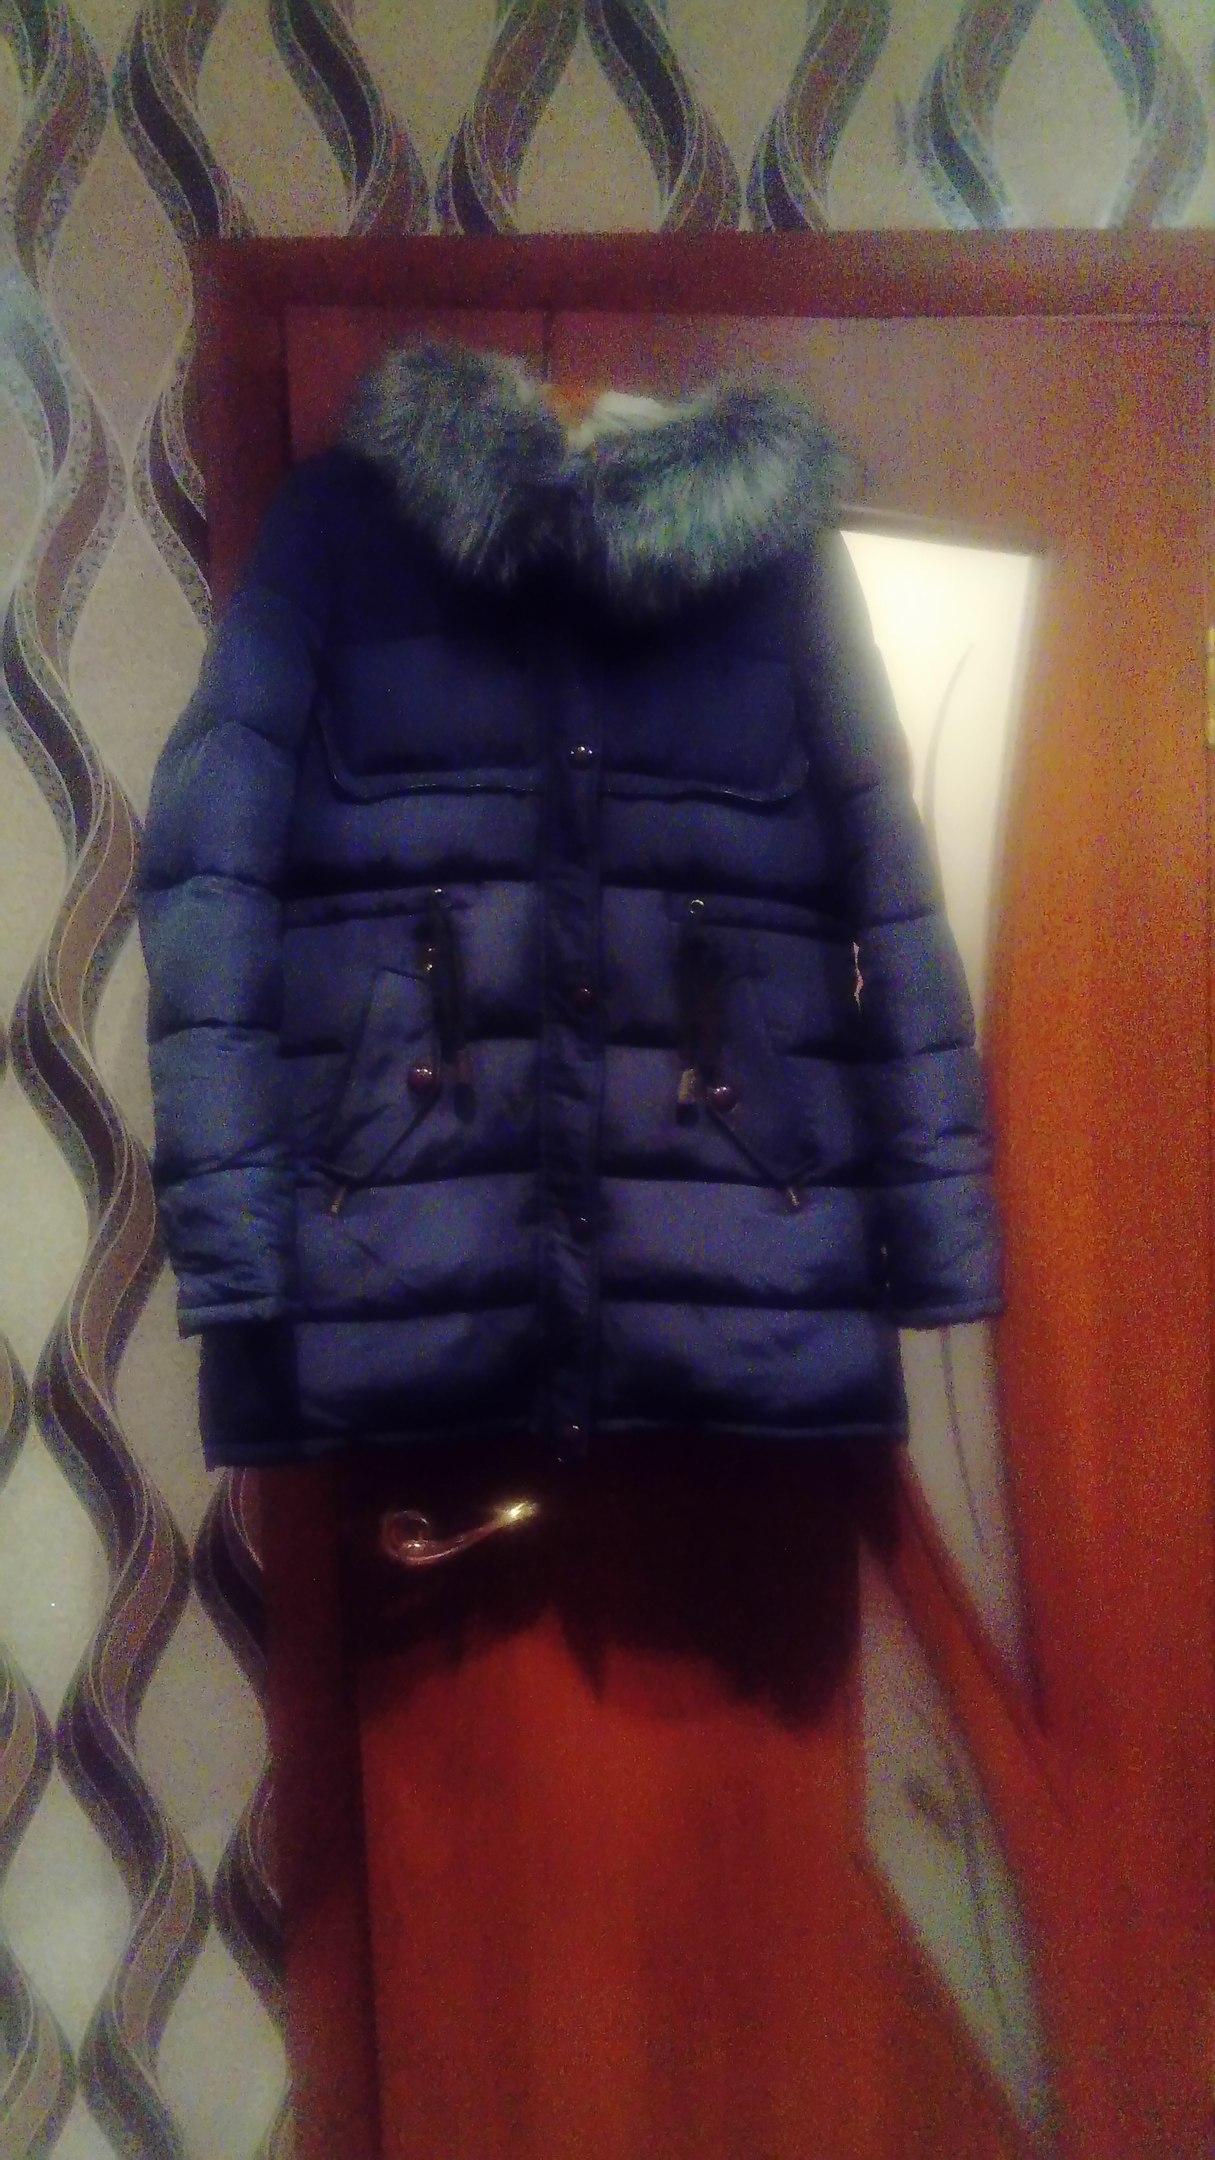 Продам женскую зимнюю тёплую куртку, тёмно синяя, состояние отличное, вопросы в личку, новогодние скидки уместны ️ ️ ️ ️ ️ ️ ️ ️ ️ ️ ️ ️ ️ ️ ️ ️ ️ ️